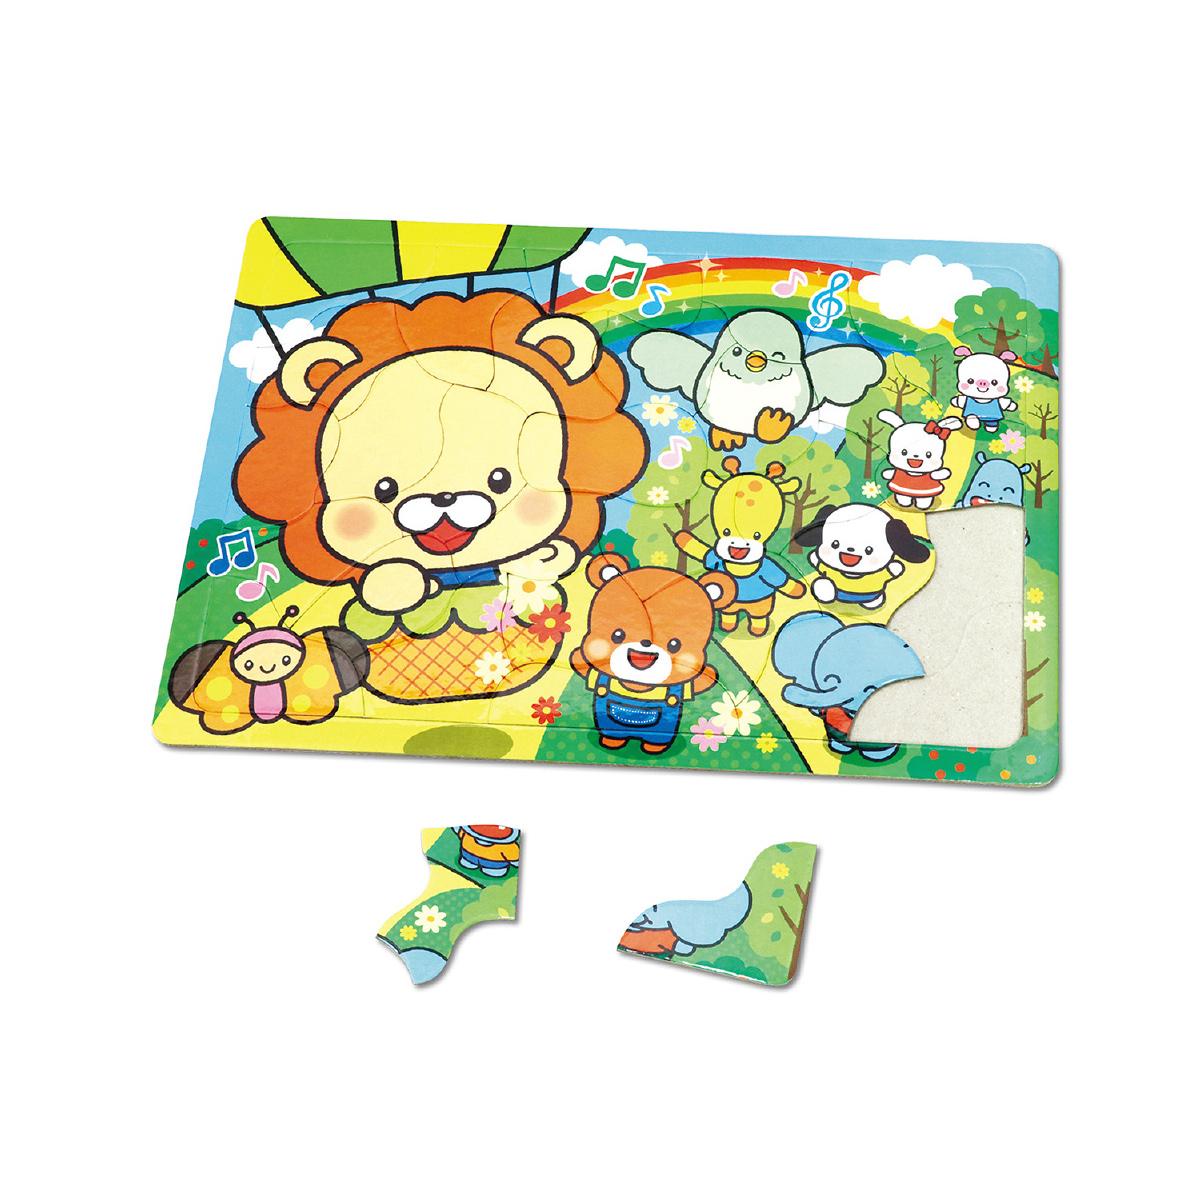 アニマルフレンズ パズル[ピクニック]30P 知育玩具 おもちゃ キッズ 子供 幼稚園 保育園 クリスマスプレゼント